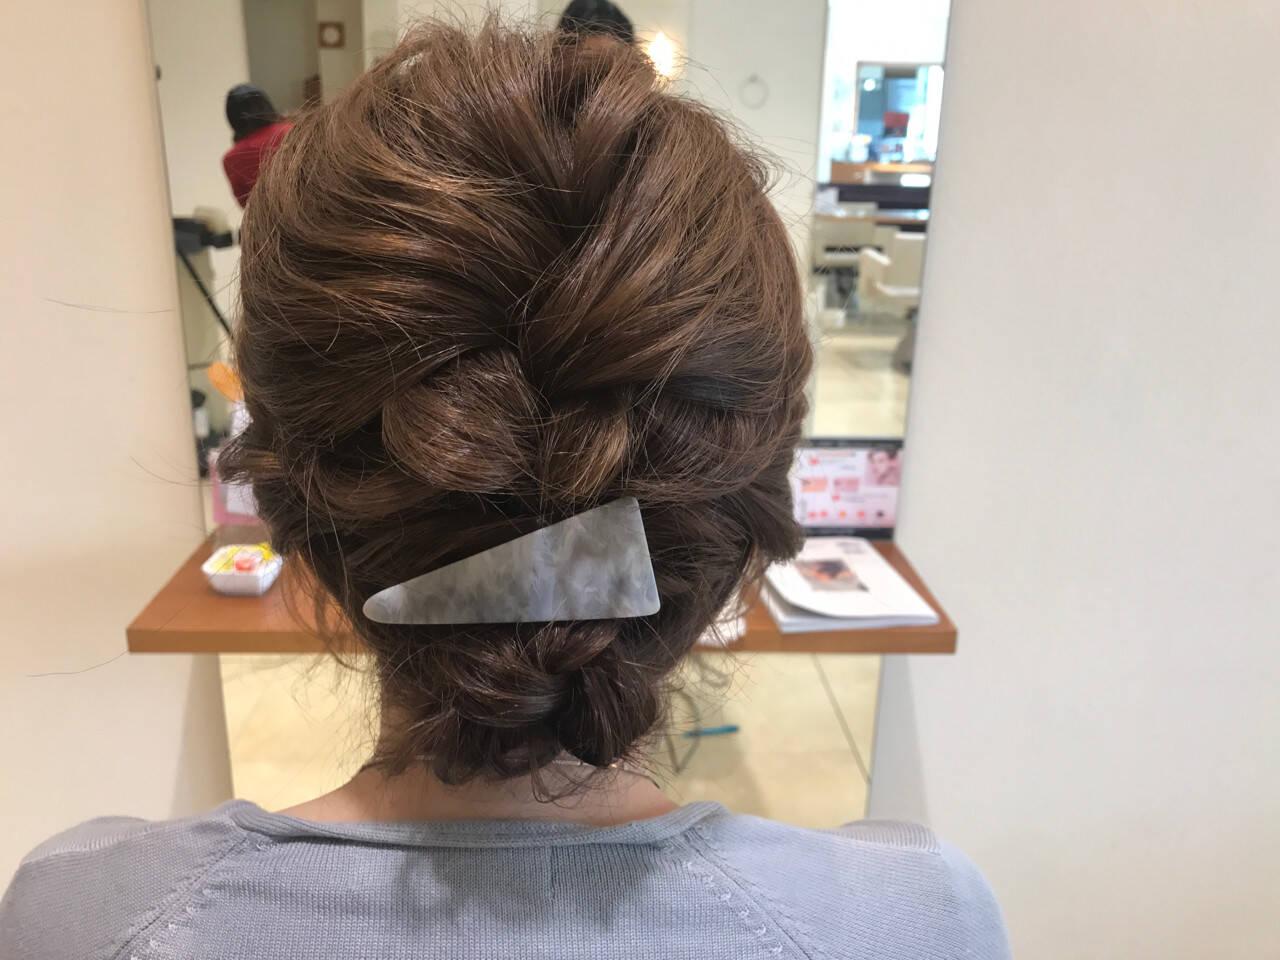 ナチュラル 編み込み 結婚式 簡単ヘアアレンジヘアスタイルや髪型の写真・画像